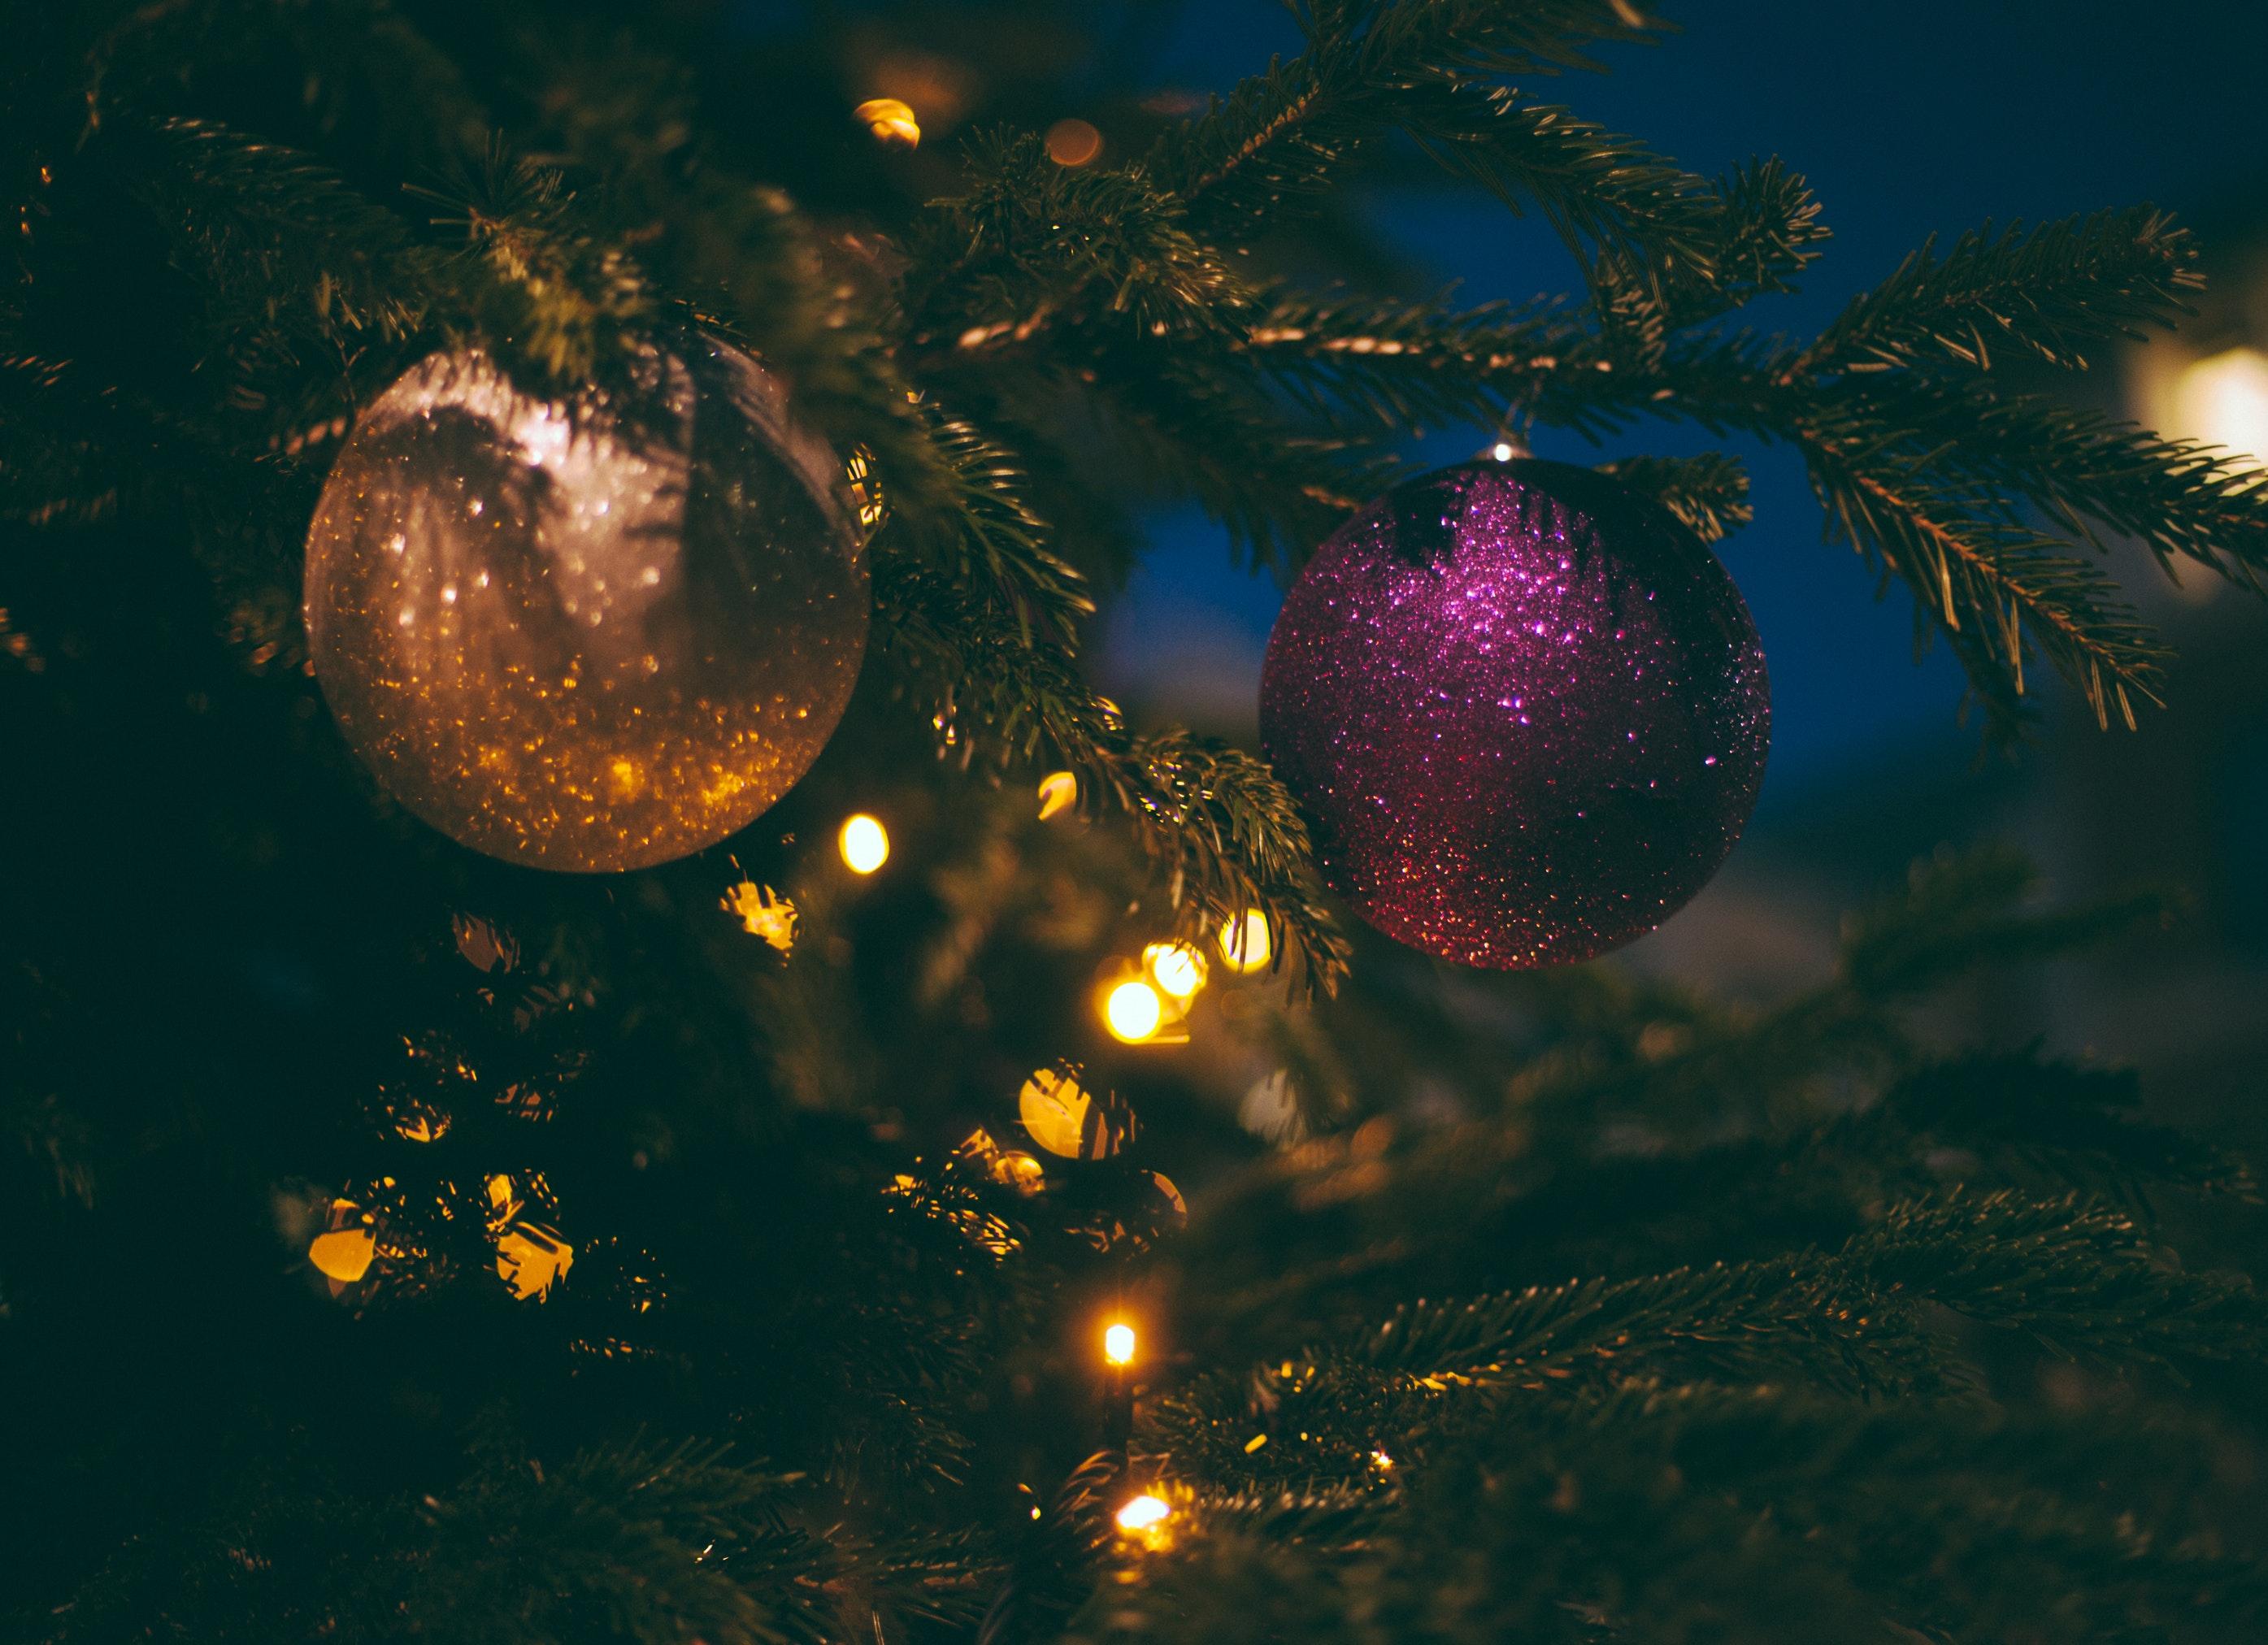 julekugler, medlemshilsen